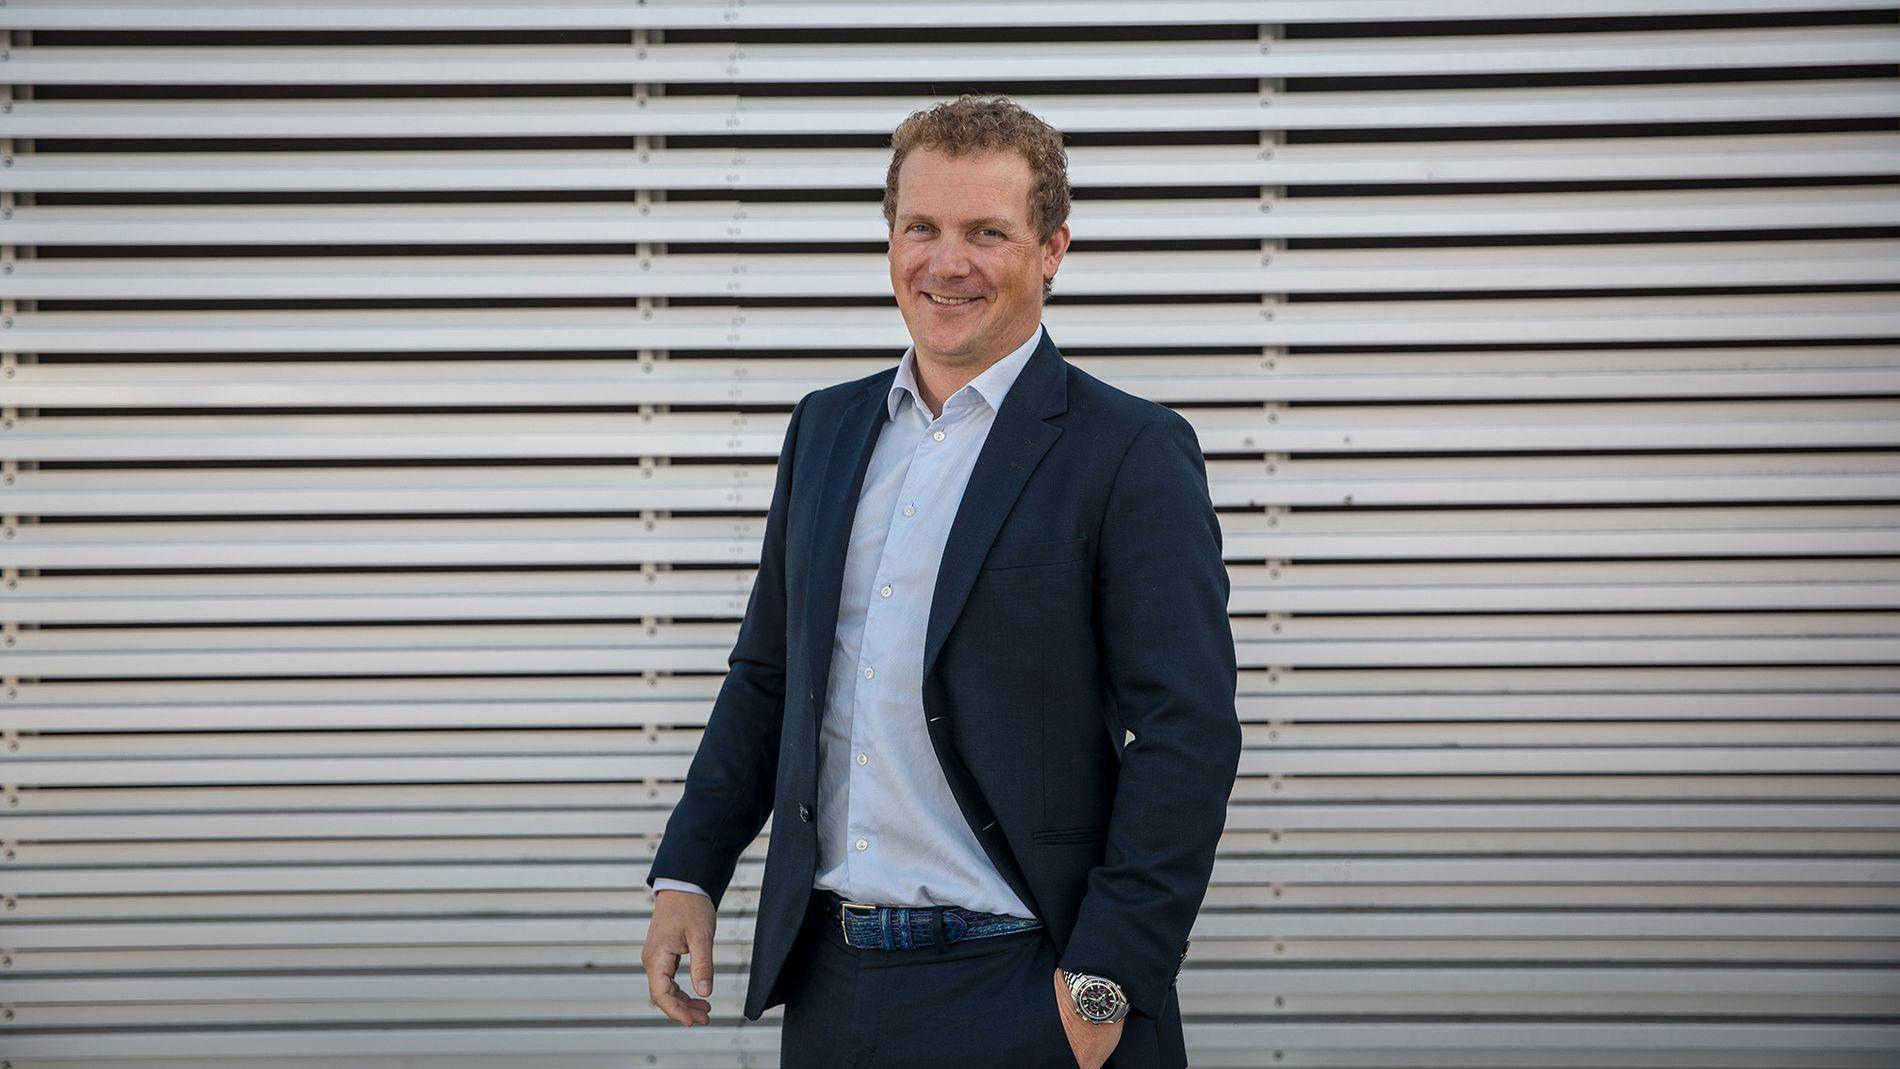 SER MULIGHETER: Daglig leder Børge Leknes i Hudya Group tror at det nye selskapet kan vokse stort i Norden.